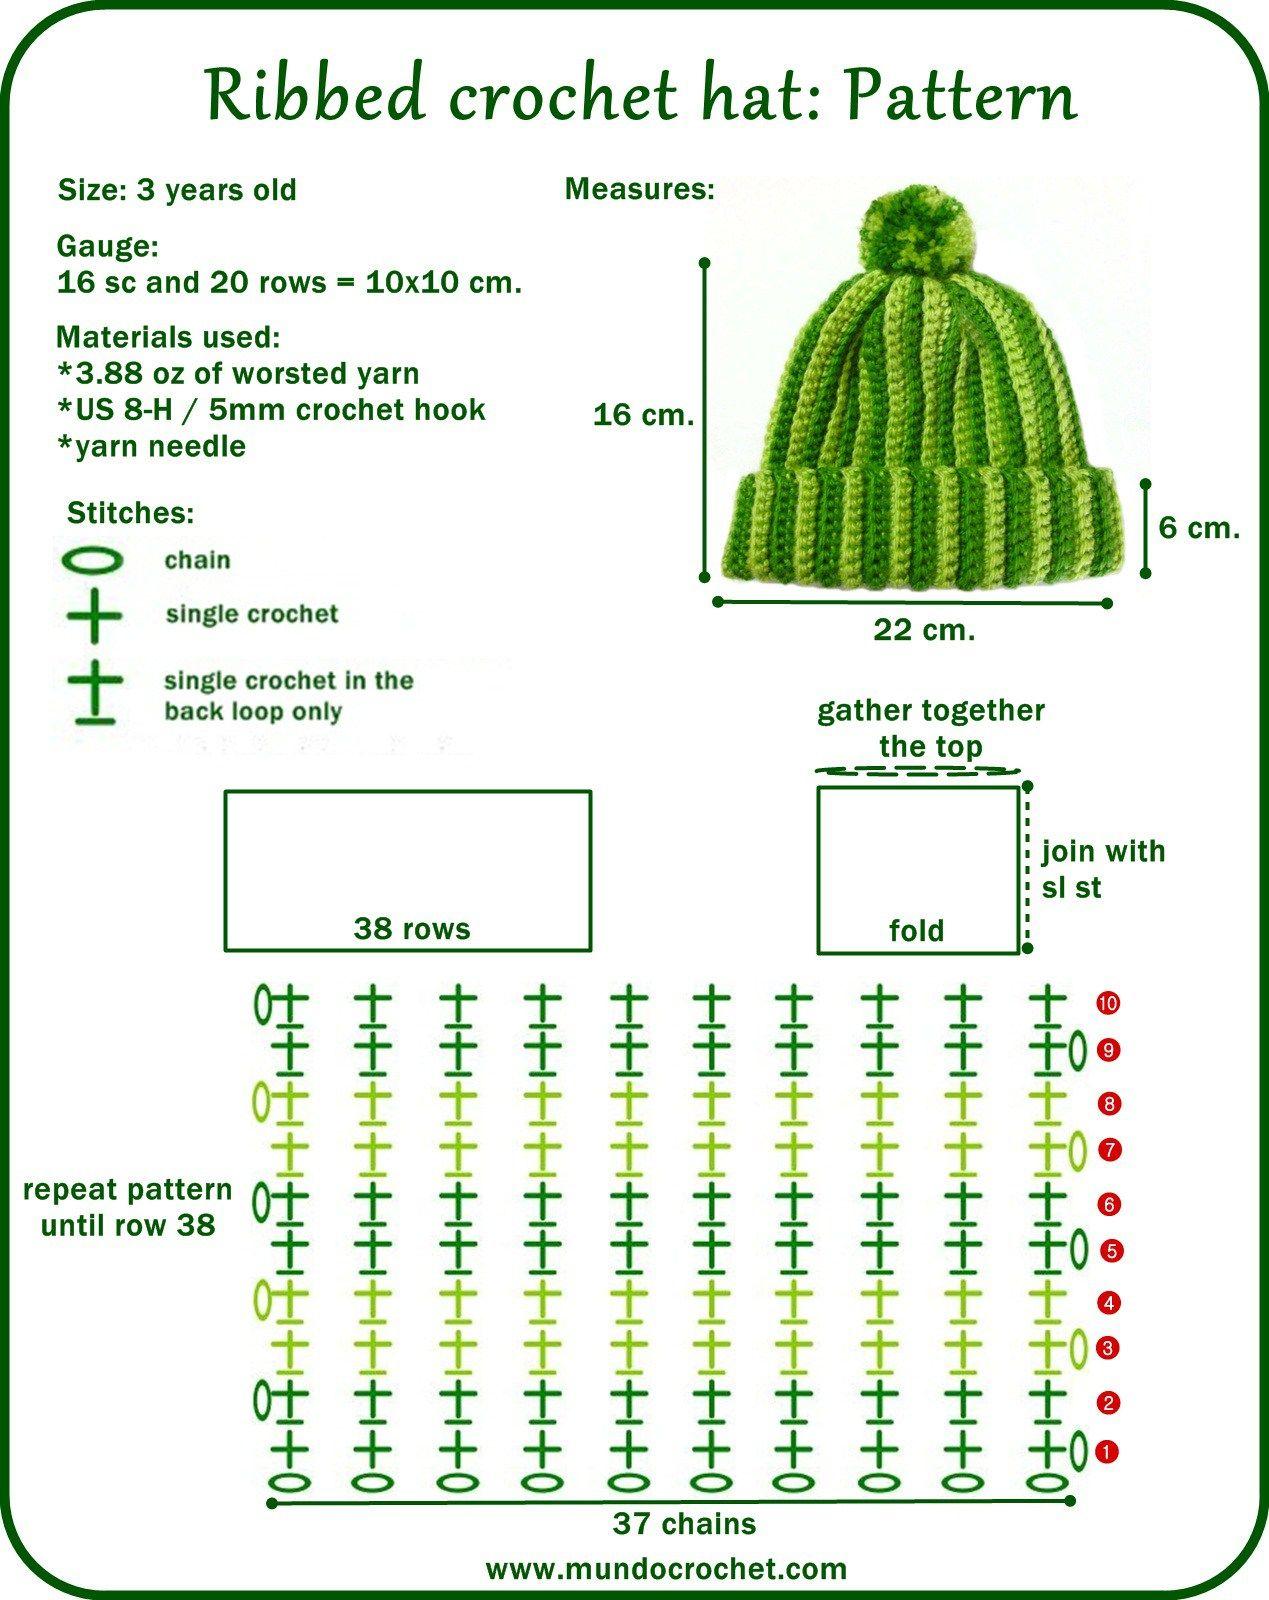 Gorra-verde-foto-en1.jpg 1,269×1,600 pixeles   Crochet   Pinterest ...